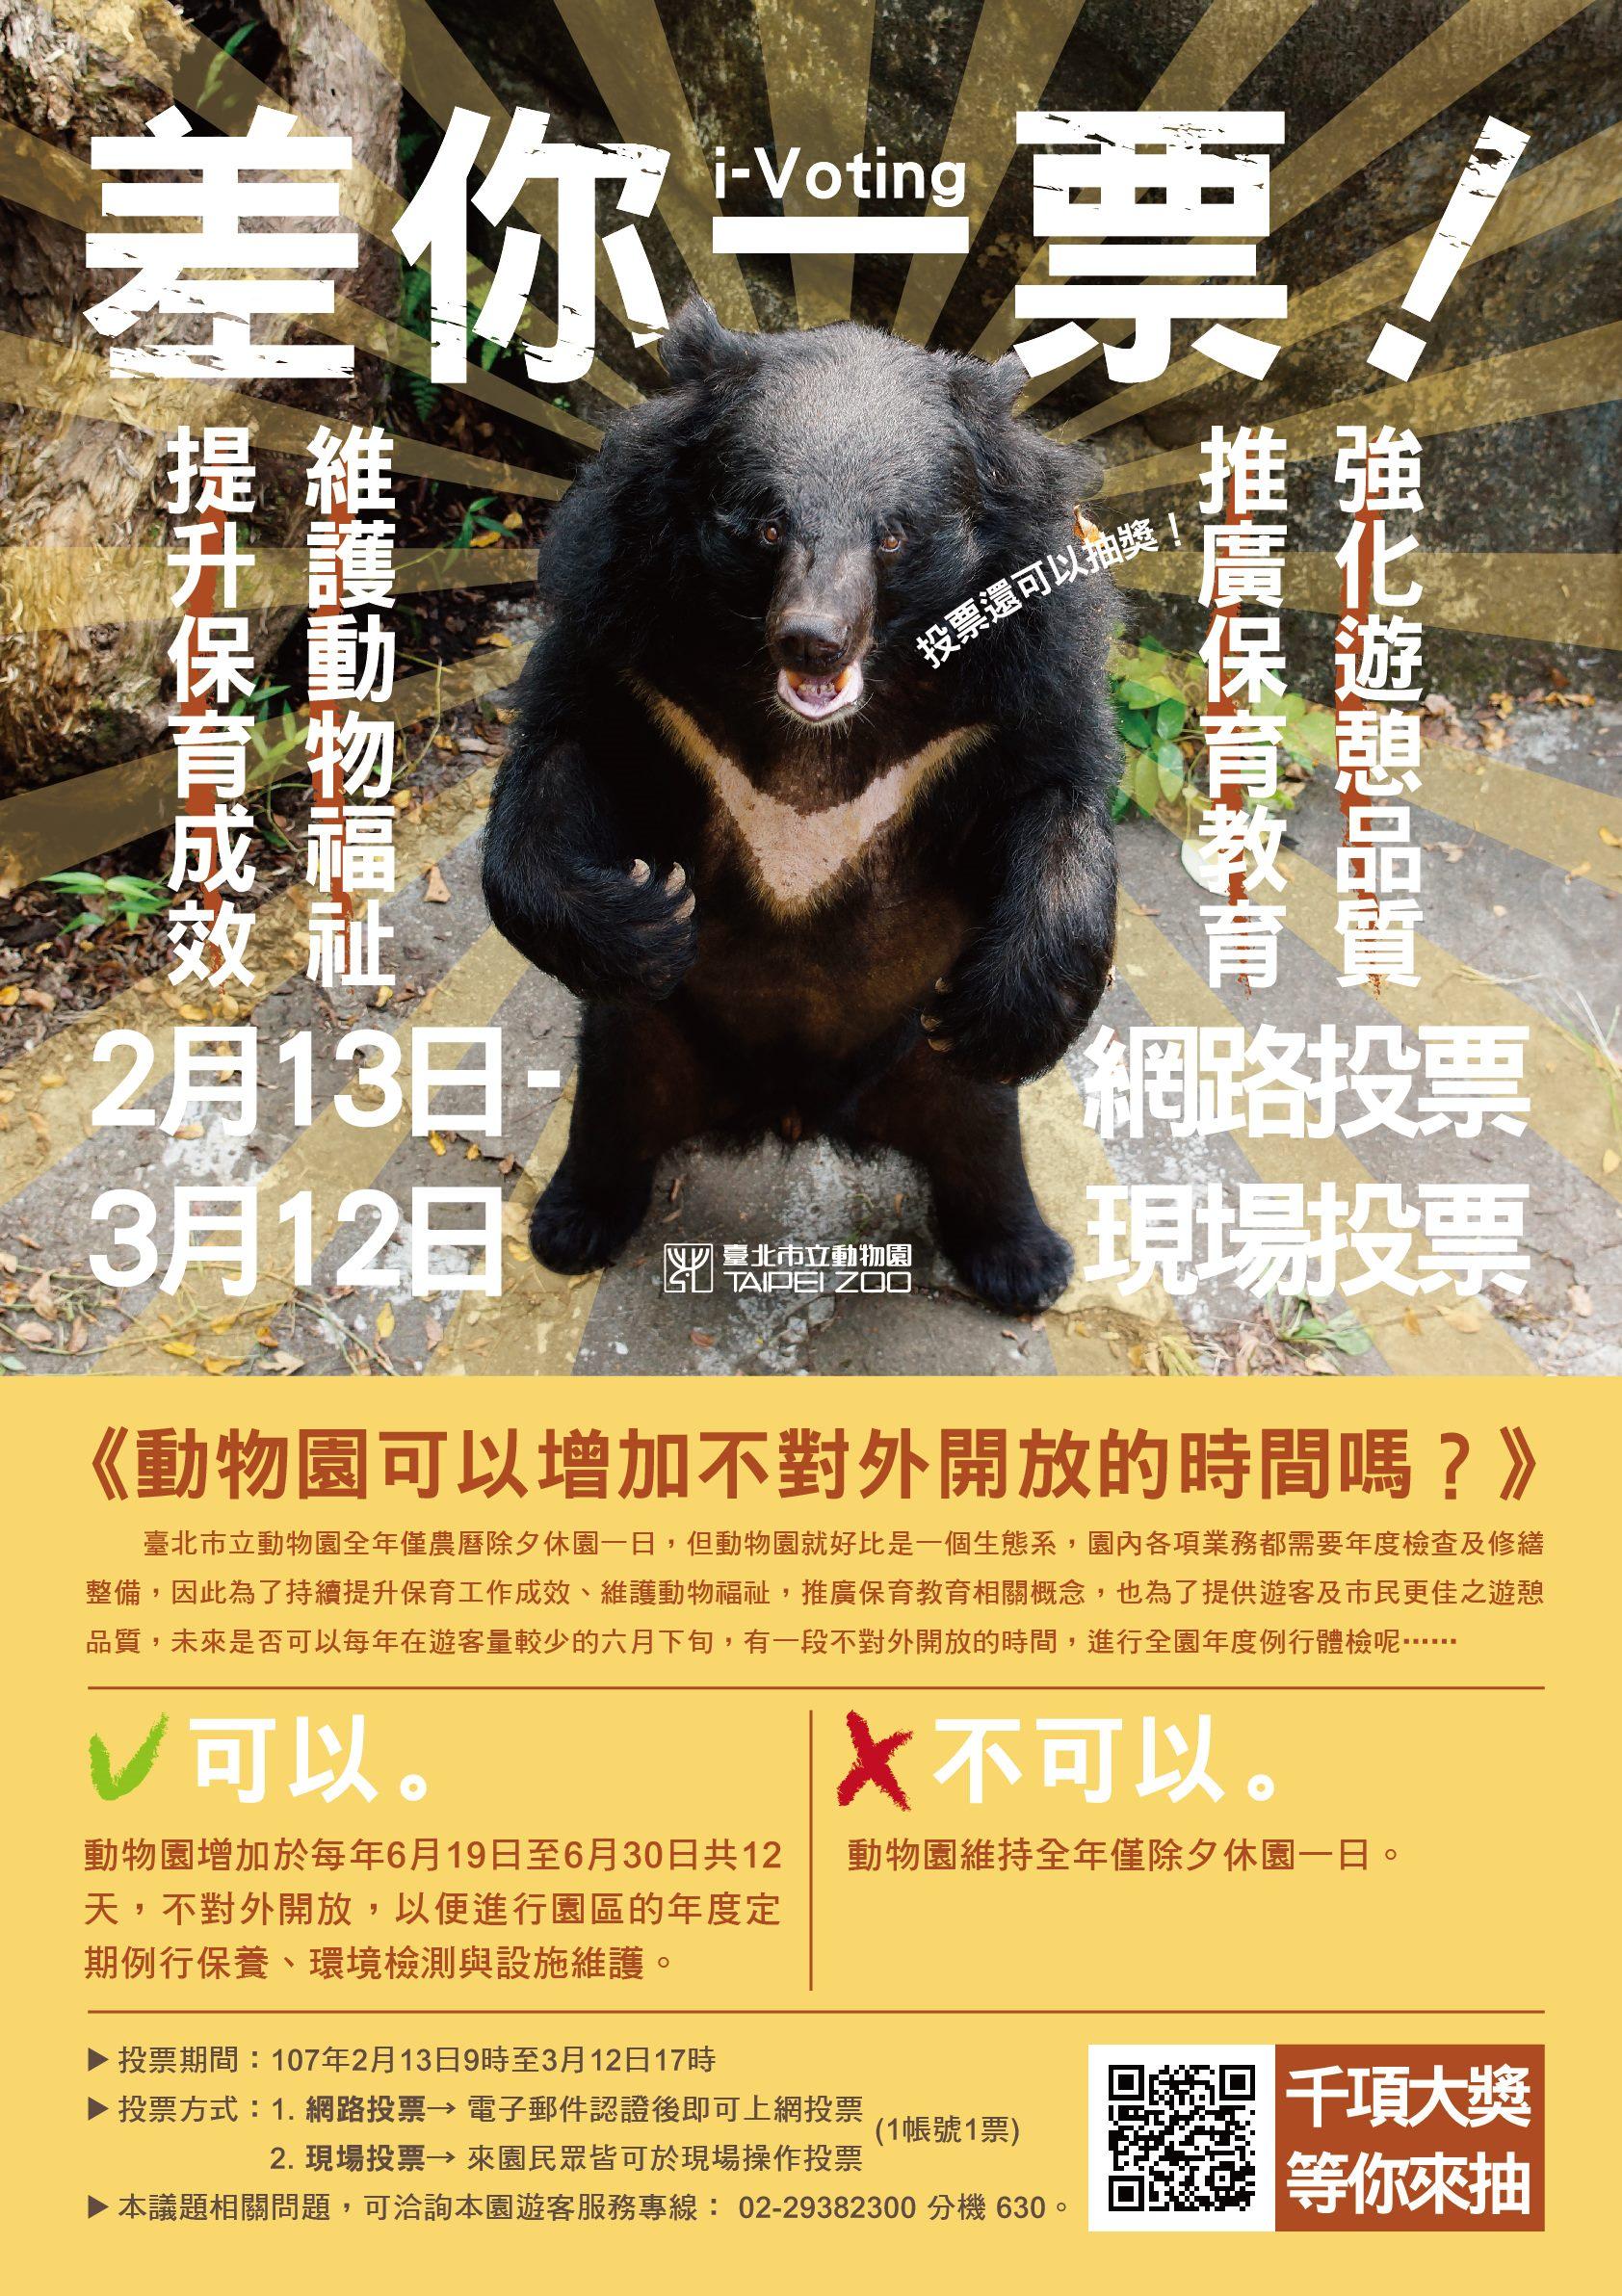 臺北市立動物園i-Voting提案